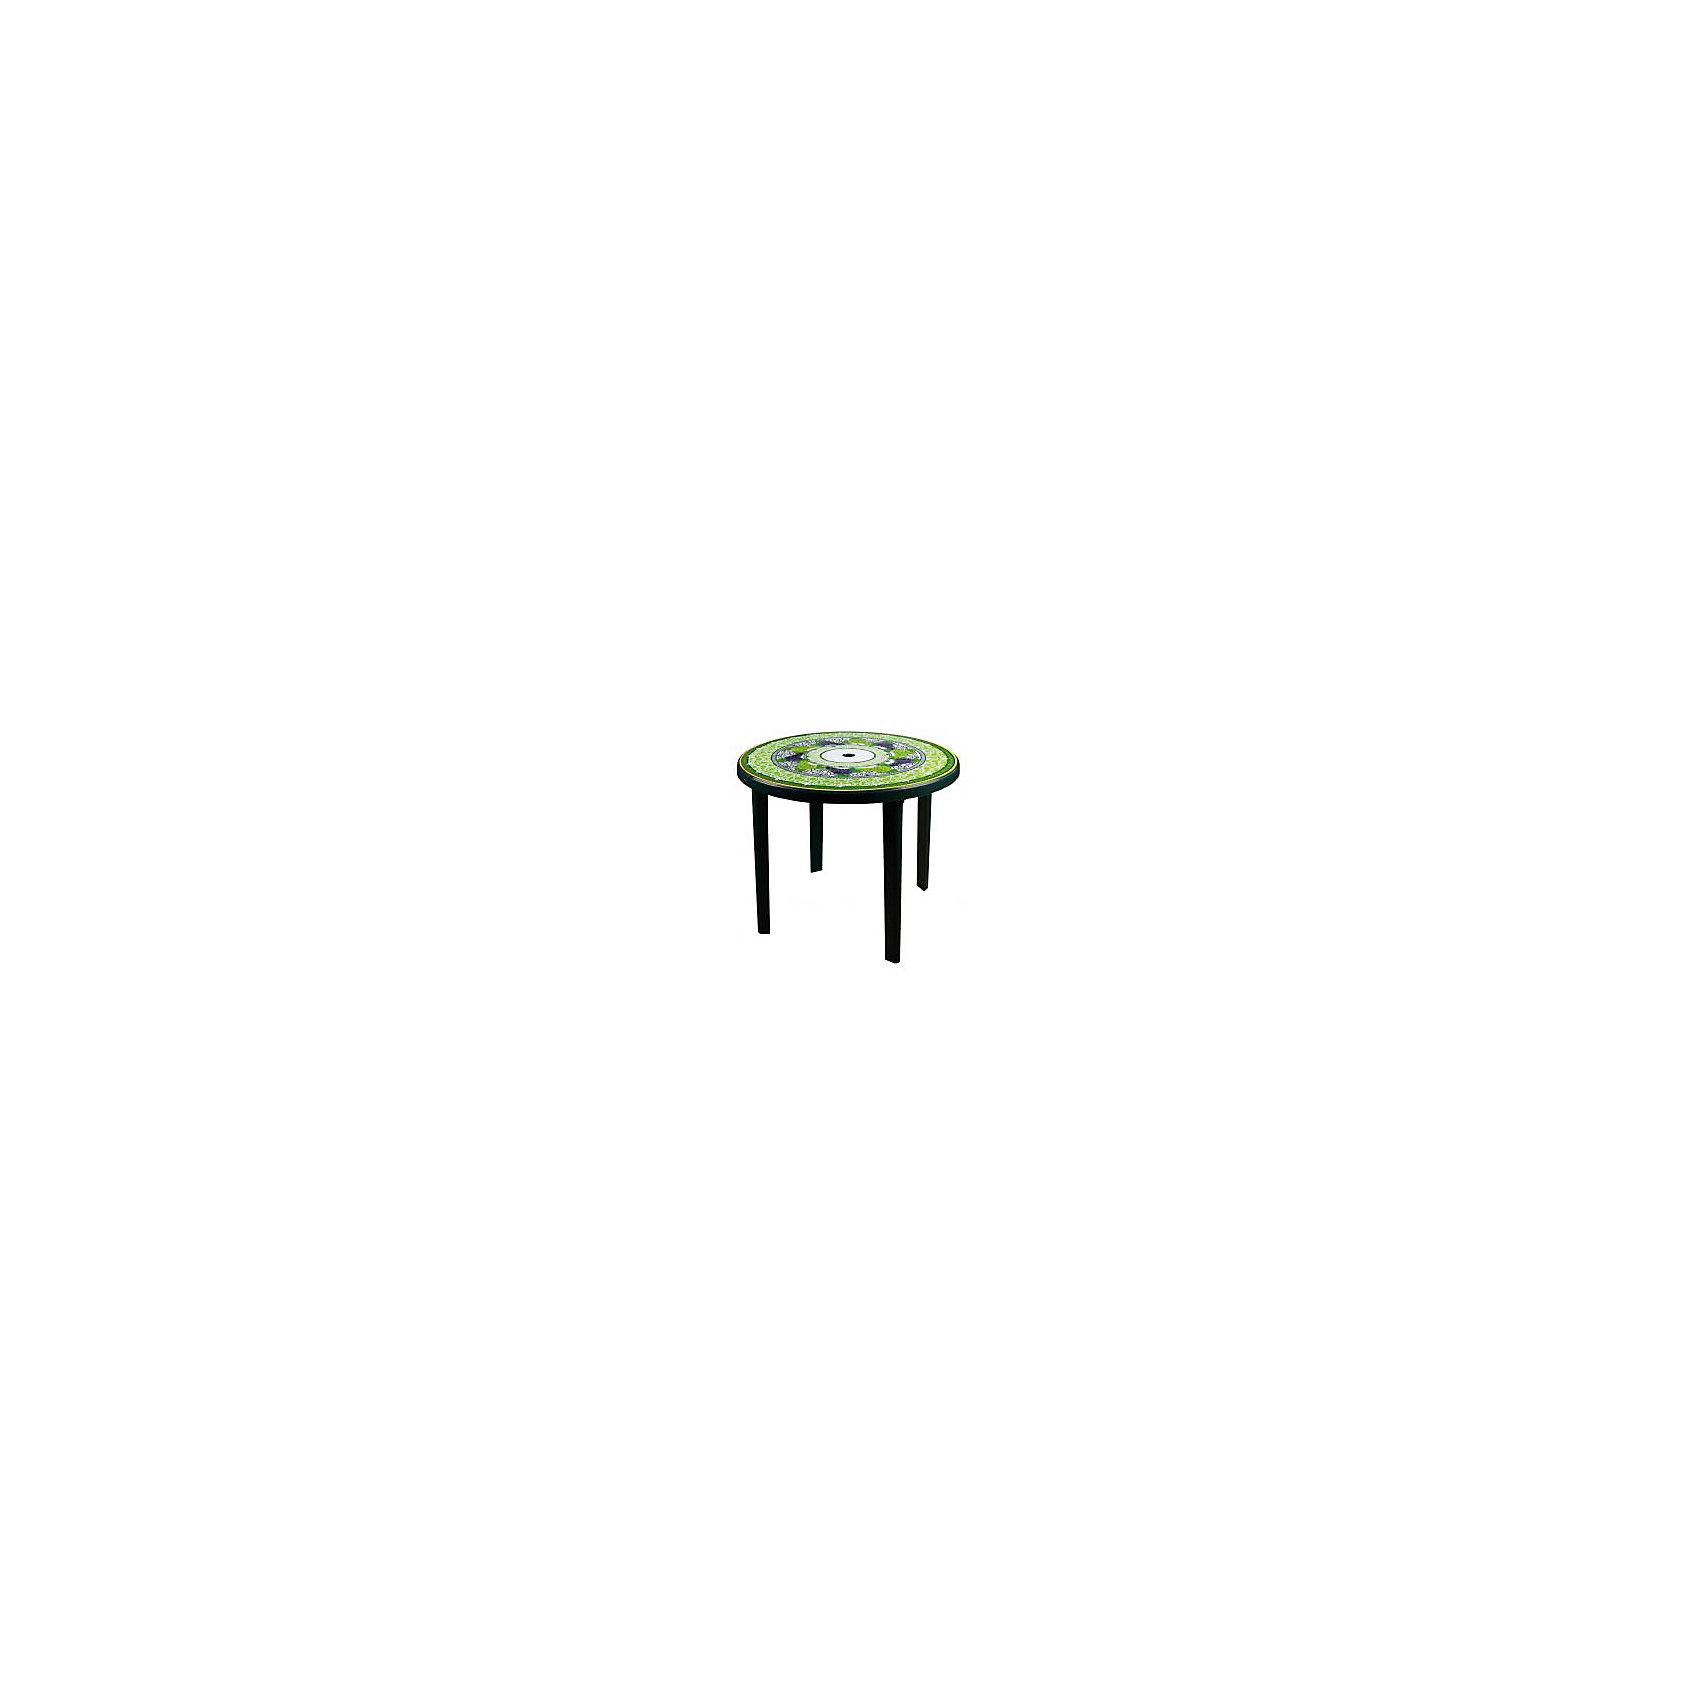 Стол Флоренция кругл900х900х750, Alternativa, тёмно-зеленыйМебель<br>Стол Флоренция кругл900х900х750, Alternativa (Альтернатива), тёмно-зеленый<br><br>Характеристики:<br><br>• яркий узор на поверхности<br>• цвет: темно-зеленый<br>• форма: круглый<br>• диаметр: 90 см<br>• размер: 90х90х75 см<br>• материал: пластик<br>• вес: 4,584 кг<br><br>Флоренция - круглый пластиковый стол с красивым узором, дополненным изображением гроздей винограда. Стол имеет хорошую устойчивость и высокую прочность. Любые загрязнения легко отмываются. Диаметр стола - 90 сантиметров. Стол Флоренция отлично подойдет и для дома, и для дачи.<br><br>Стол Флоренция кругл900х900х750, Alternativa (Альтернатива), тёмно-зеленый можно купить в нашем интернет-магазине.<br><br>Ширина мм: 900<br>Глубина мм: 900<br>Высота мм: 750<br>Вес г: 4584<br>Возраст от месяцев: 216<br>Возраст до месяцев: 1188<br>Пол: Унисекс<br>Возраст: Детский<br>SKU: 5475673